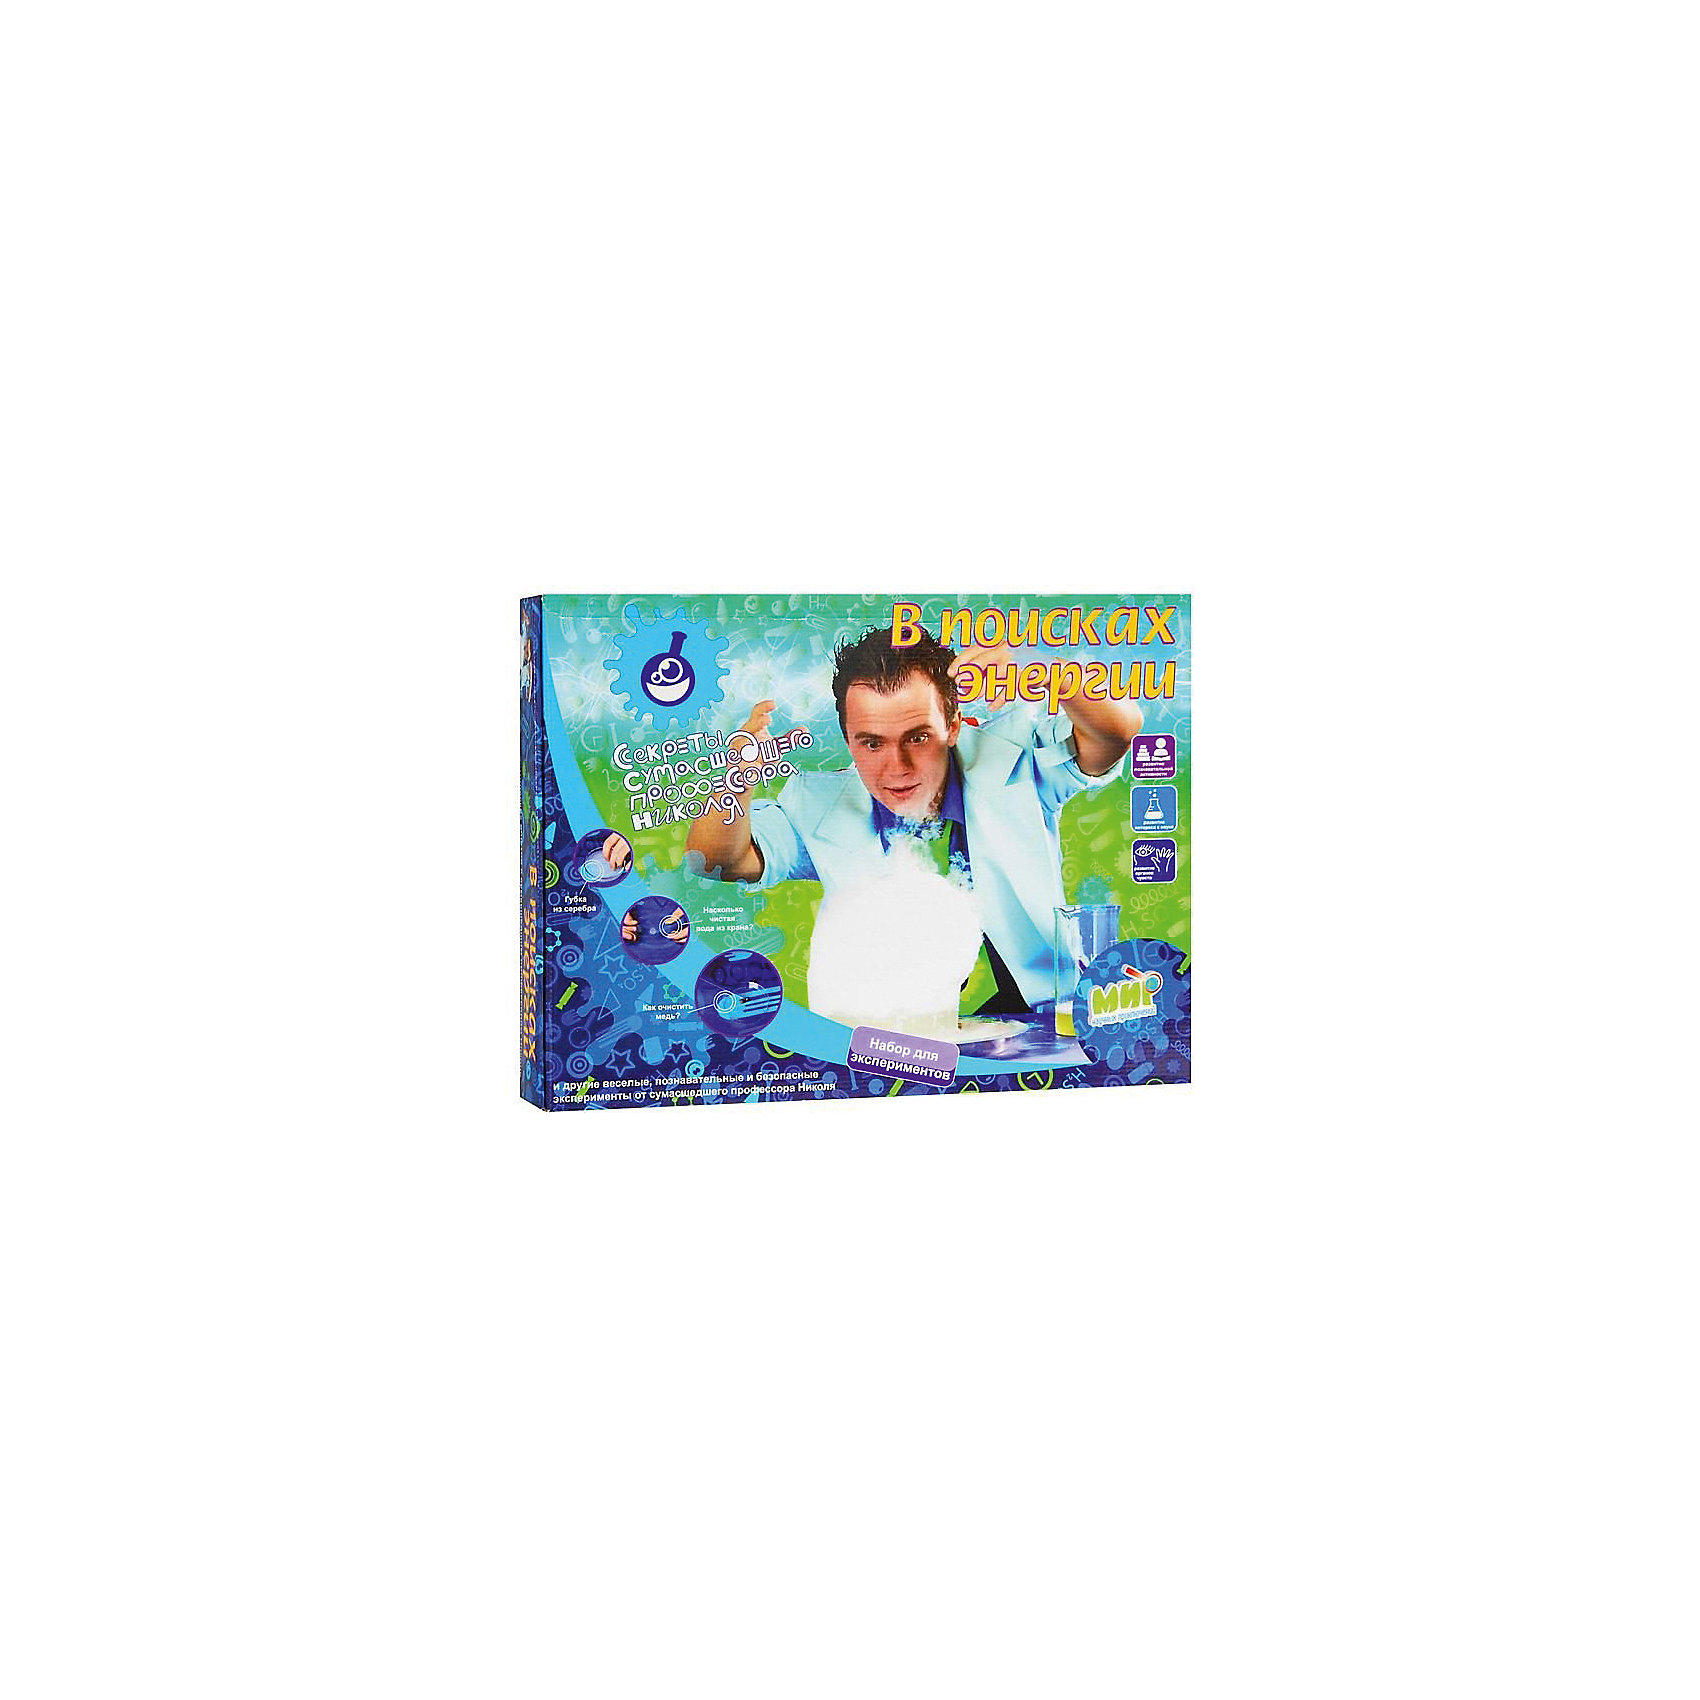 Набор Юный химик - В поисках энергииЭксперименты и опыты<br>кобальт хлорид, ацетон, медь сернокислая, натрий серноватистокислый, калий йодистый, бромкрезоловый пурпурный, железо хлорное, метиловый фиолетовый, калий марганцовокислый, 10% раствор соляной кислоты, кальция гидроокись, цинк, железо, медь, алюминий, щавелевая кислота, нитрат серебра(раствор), аммиак водный(10% раствор), графитовые стержни, светодиод, генератор электроэнергии, чашка Петри, пробирки, шпатель, сухое горючее, пробиркодержатель, чашка для выпаривания, трубочка, предметное стекло, пробирка с пробкой с отверстием, Г-образная трубочка, фильтровальная бумага, подставка для пробирки, мерный стакан<br><br>Ширина мм: 500<br>Глубина мм: 70<br>Высота мм: 385<br>Вес г: 1910<br>Возраст от месяцев: 120<br>Возраст до месяцев: 192<br>Пол: Унисекс<br>Возраст: Детский<br>SKU: 5089115